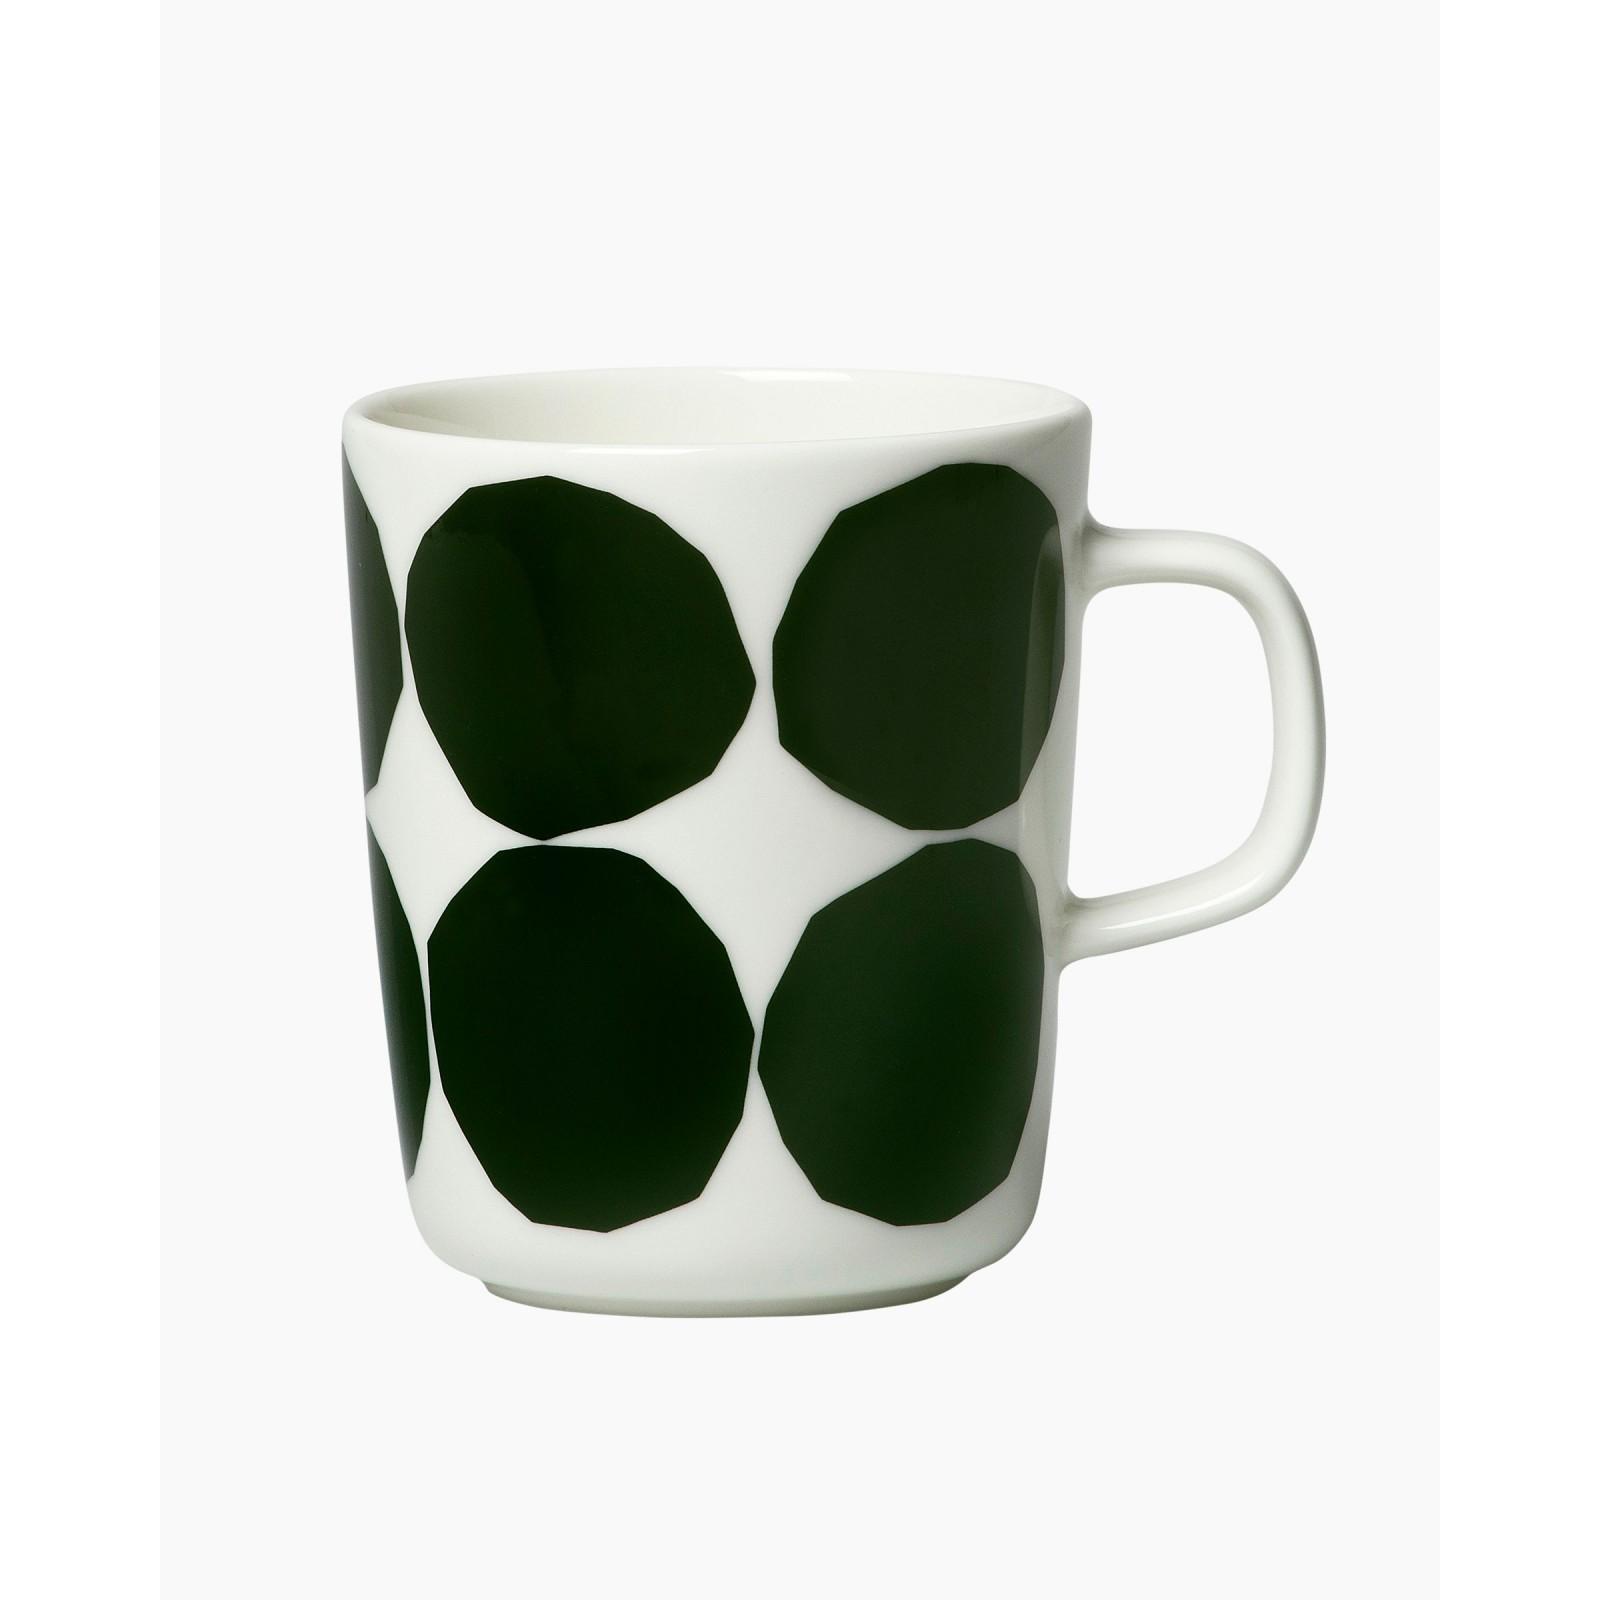 Kivet mug 2,5dl white/dark green